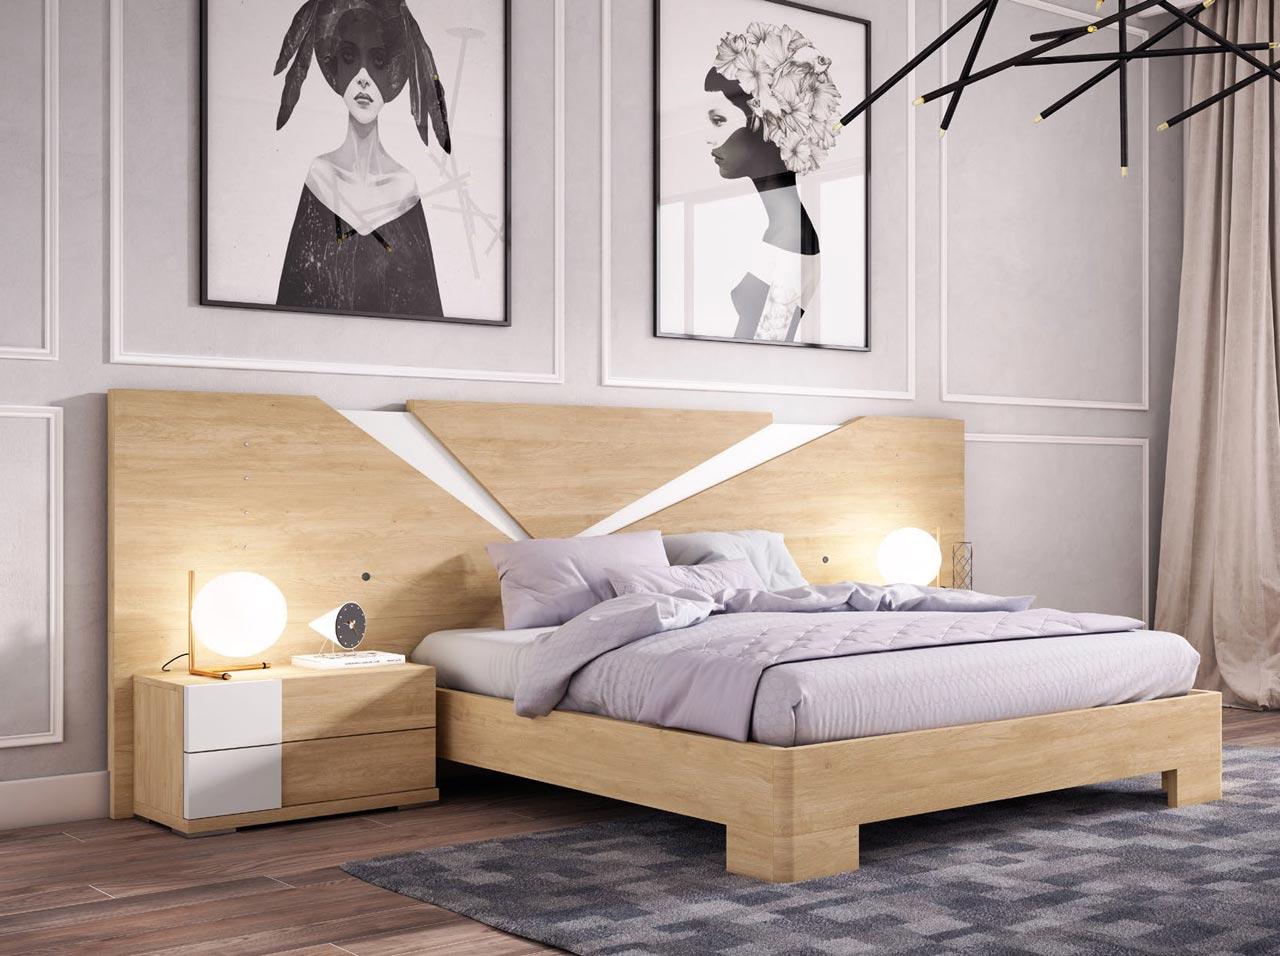 Dormitorios Completos Muebles El Para So # Muebles Dormitorios